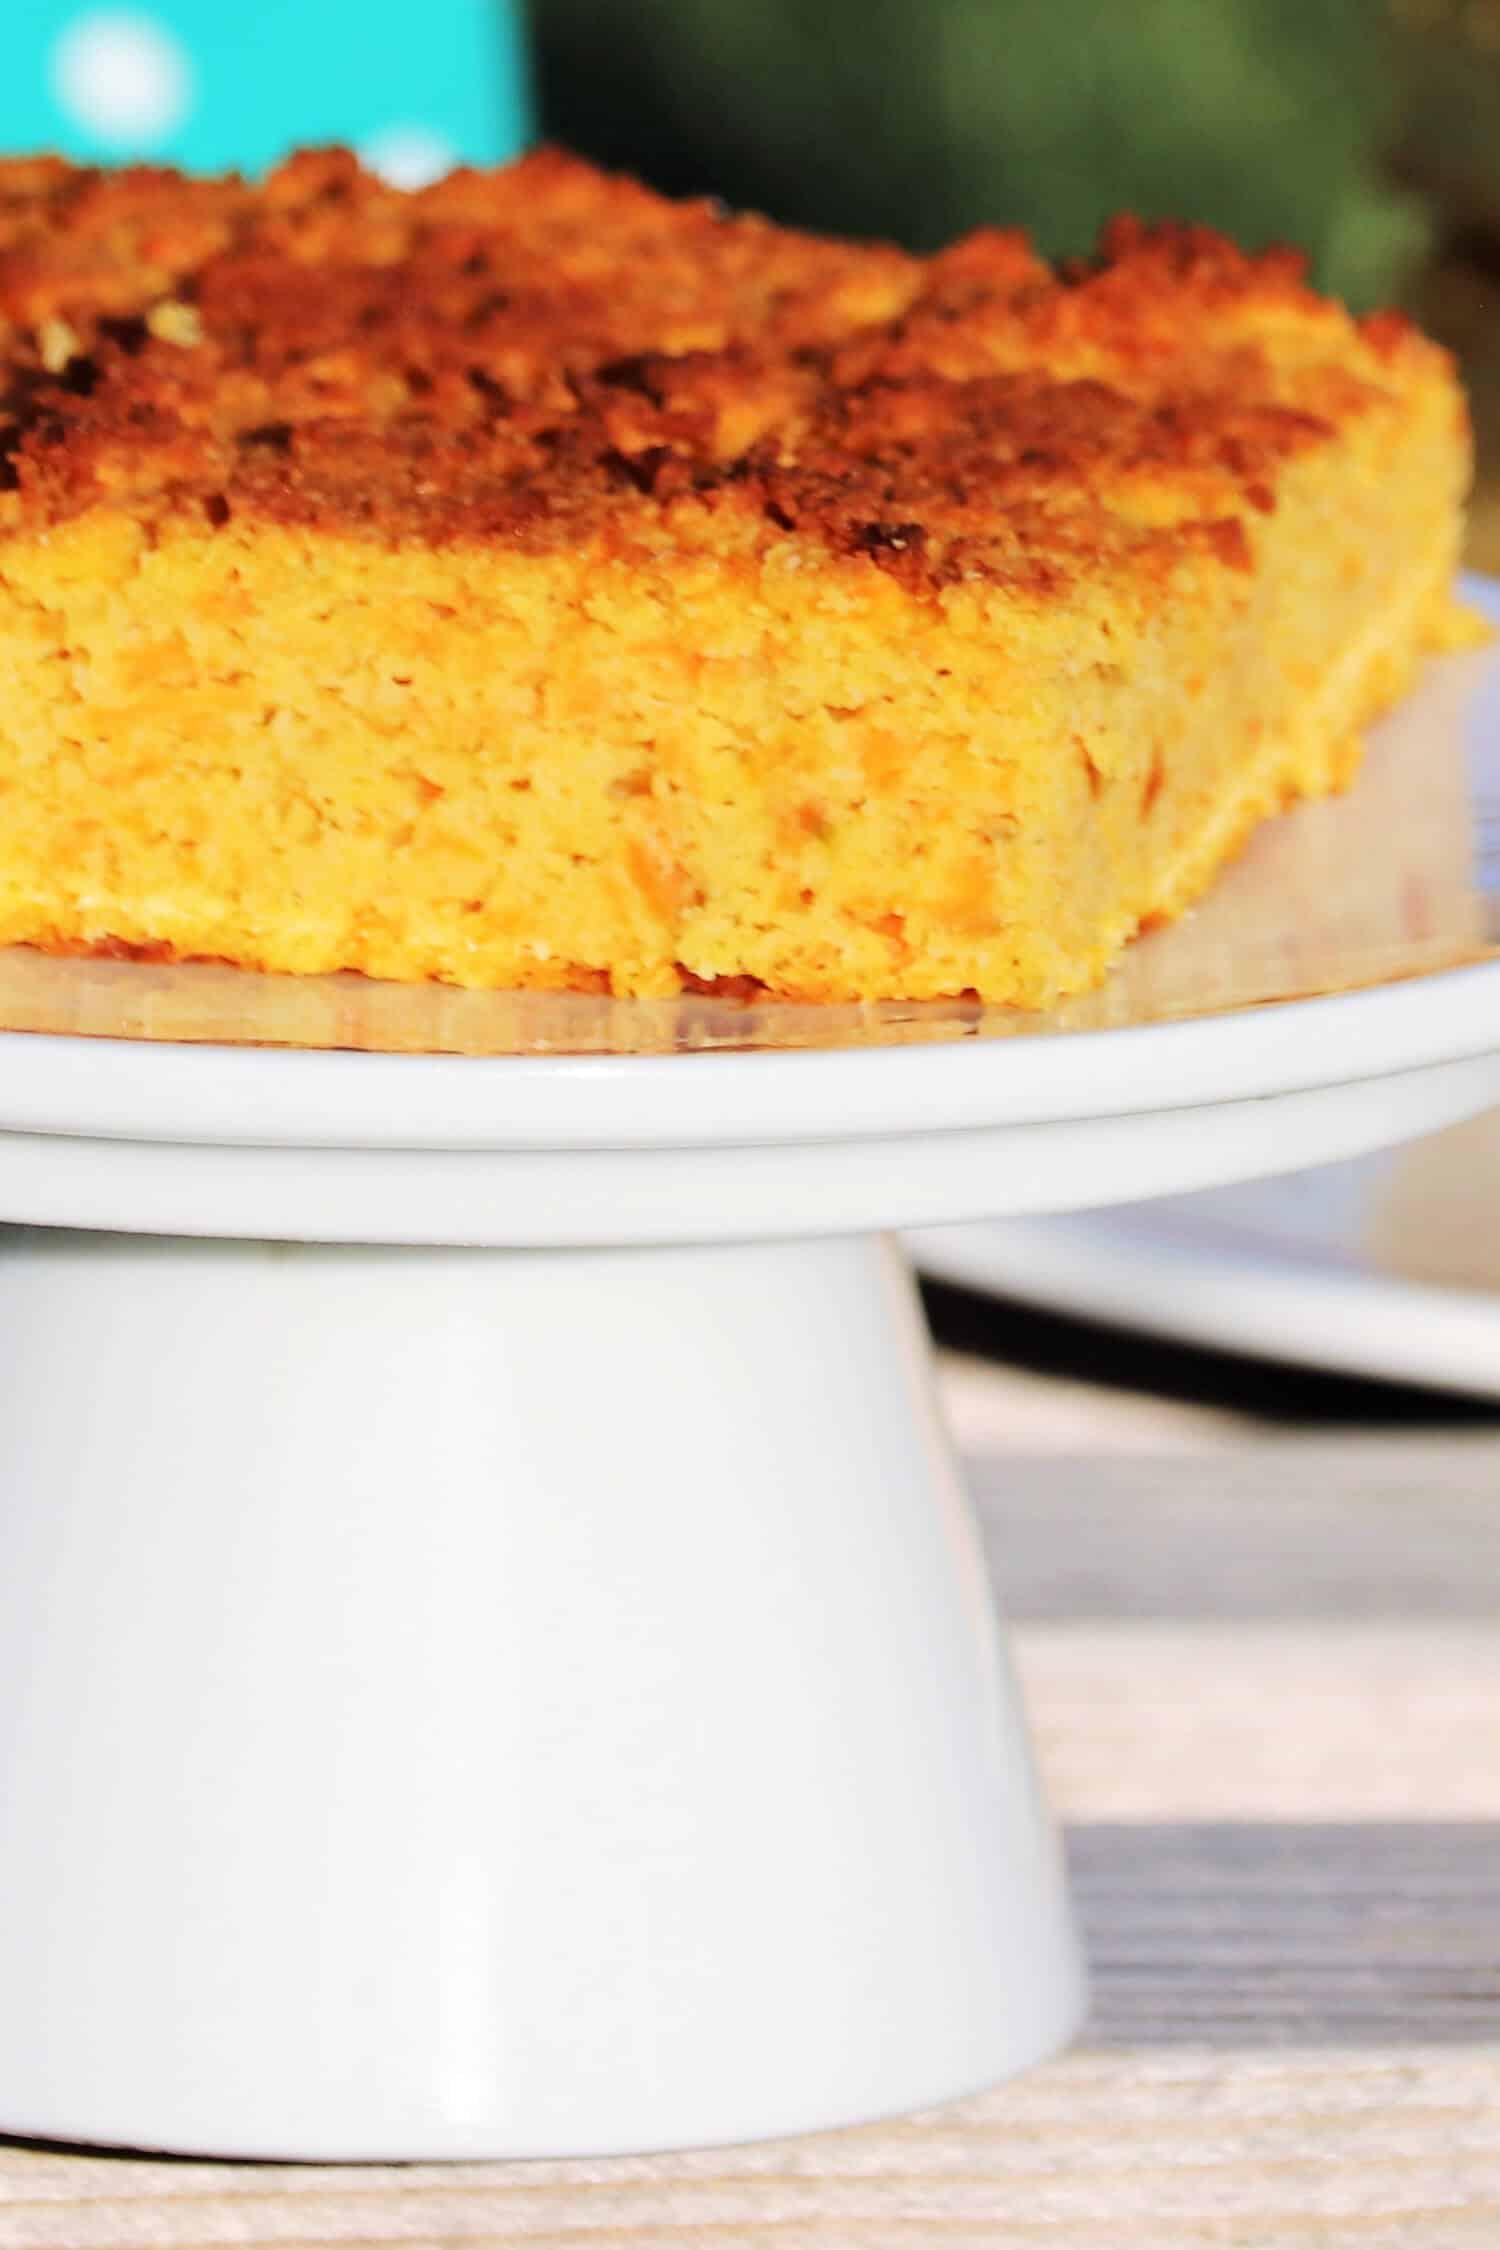 Low Carb Möhrenkuchen, Rüblikuchen oder auch Karottenkuchen backen! Dieser Low Carb Möhrenkuchen vom Blech ist nicht nur super saftig, sondern du kannst ihn auch ganz einfach und schnell Backen. Ein wirklich leckeres Low Carb Kuchen Rezept ohne Zucker und ohne Mehl für Ostern.